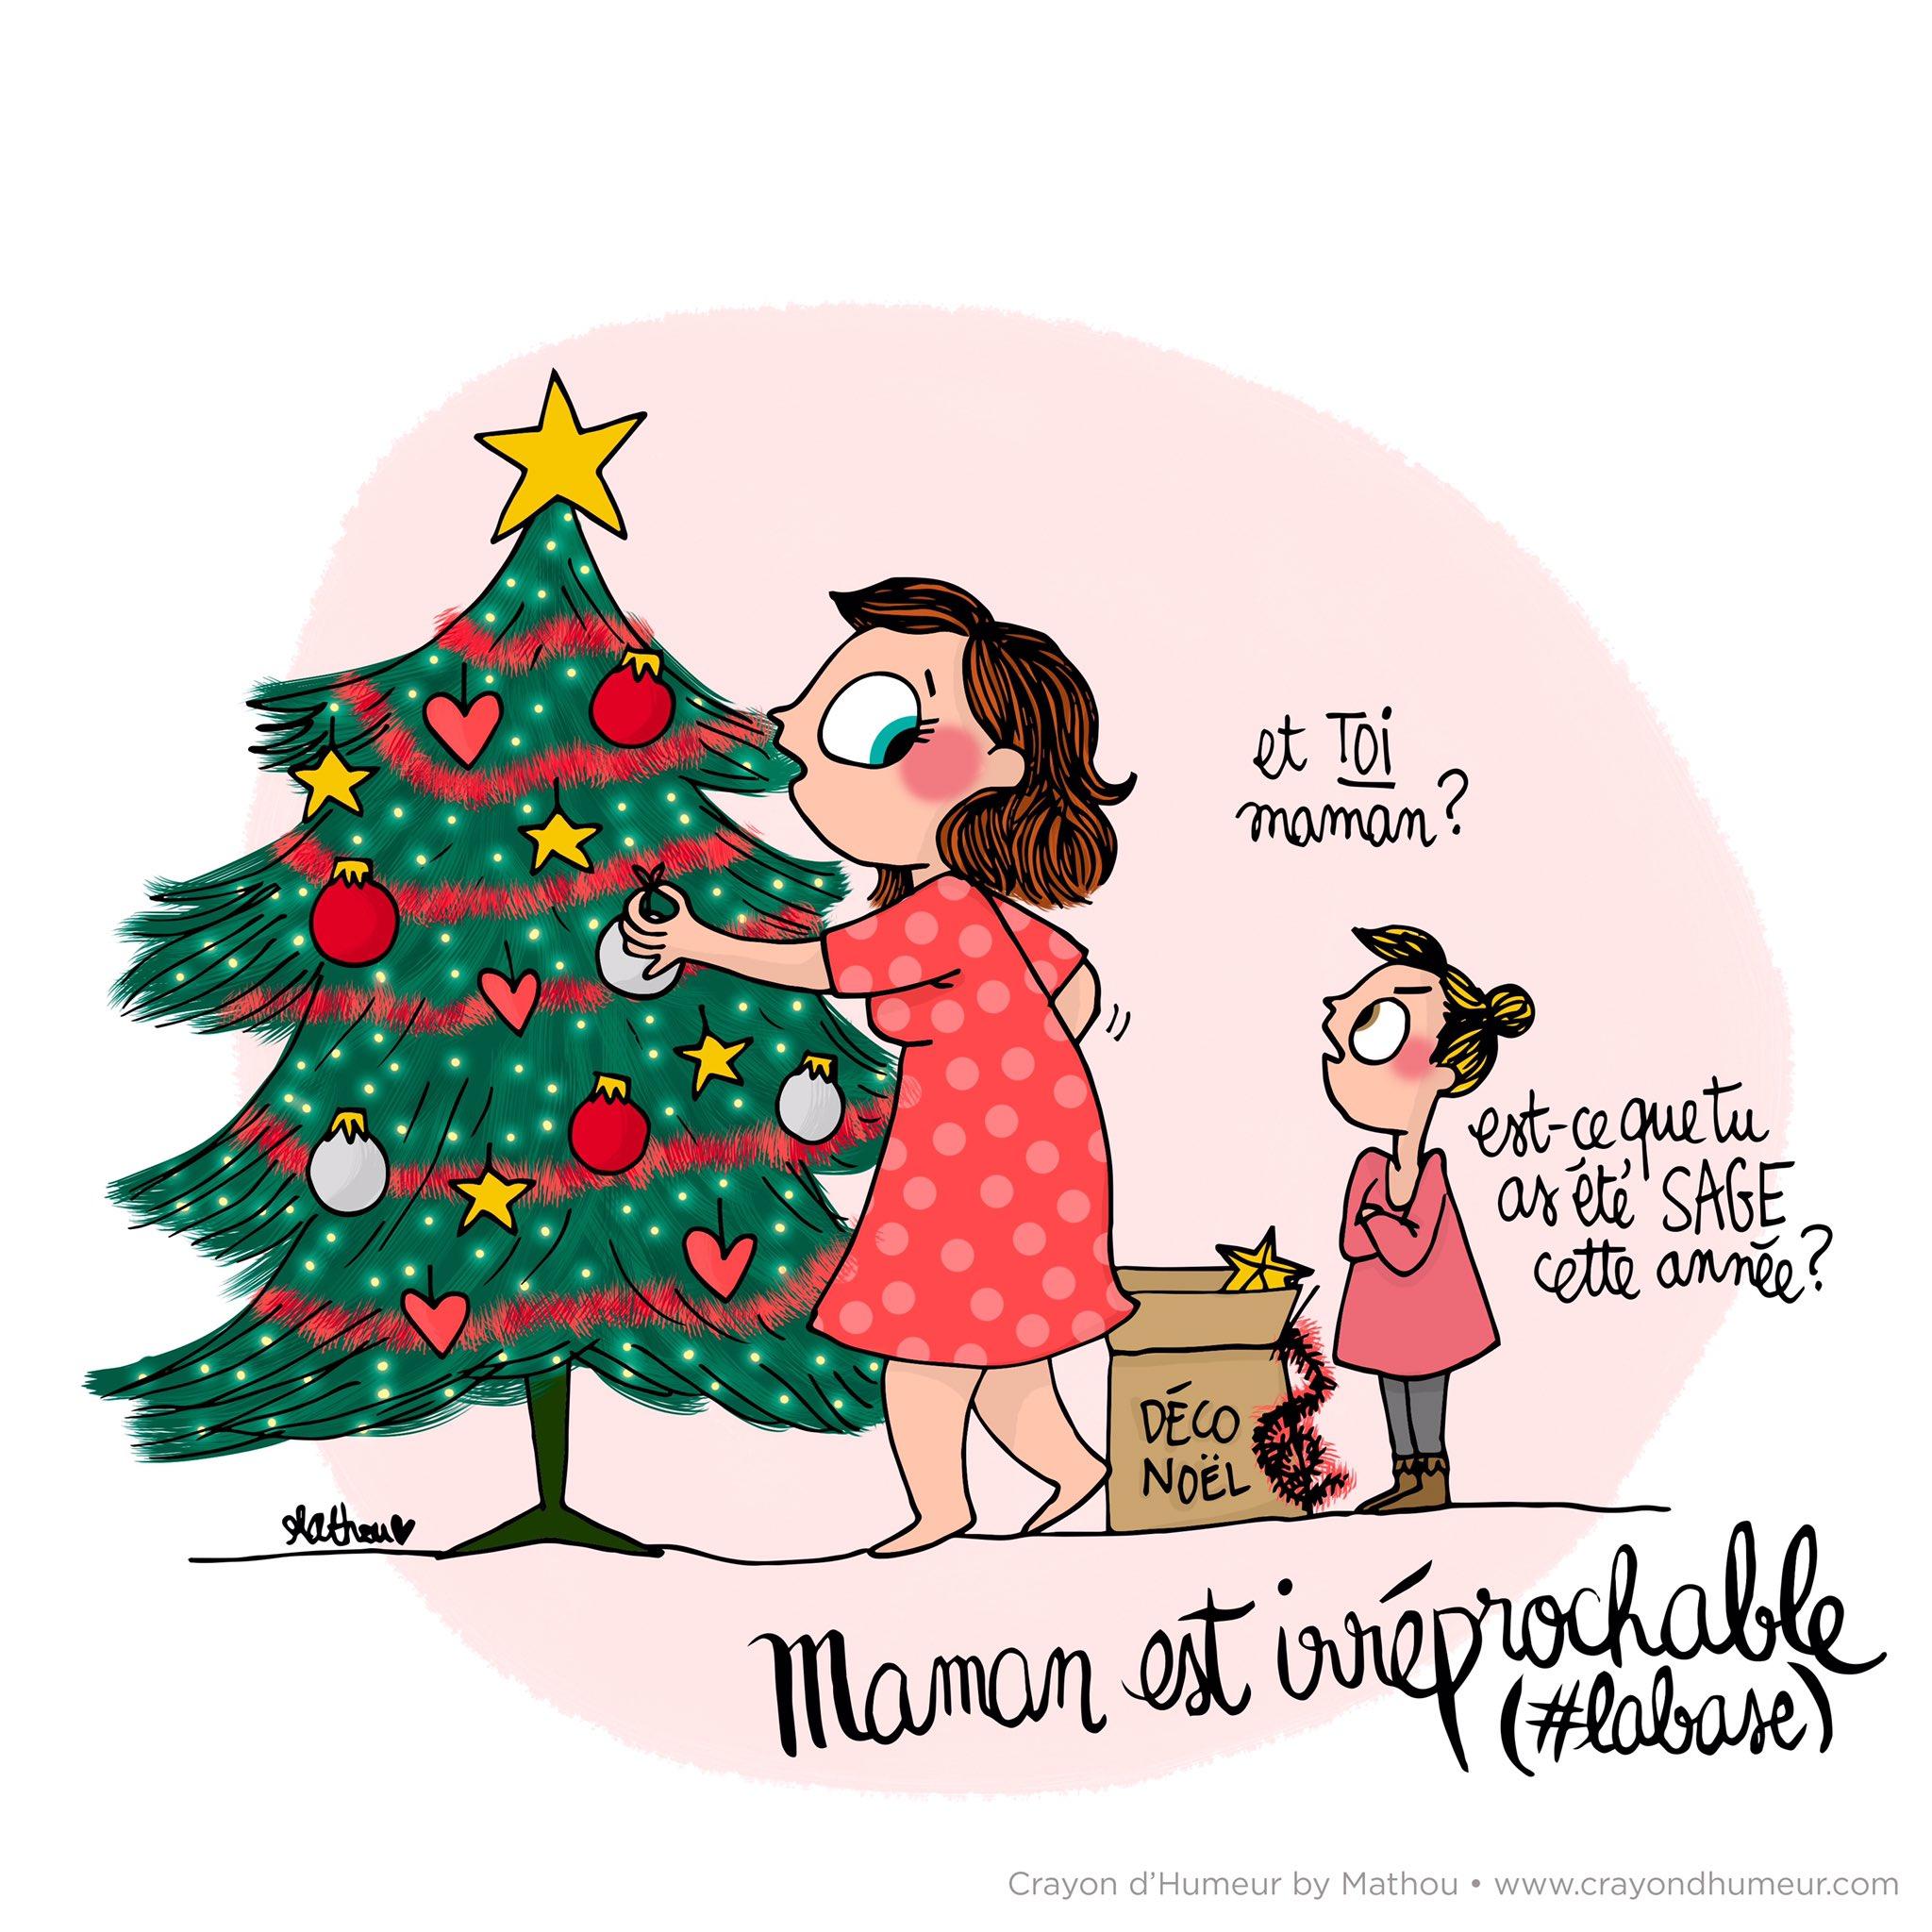 Www Joyeux Noel.Joyeux Noel Bd Mathieu Virfolet Branches Culture